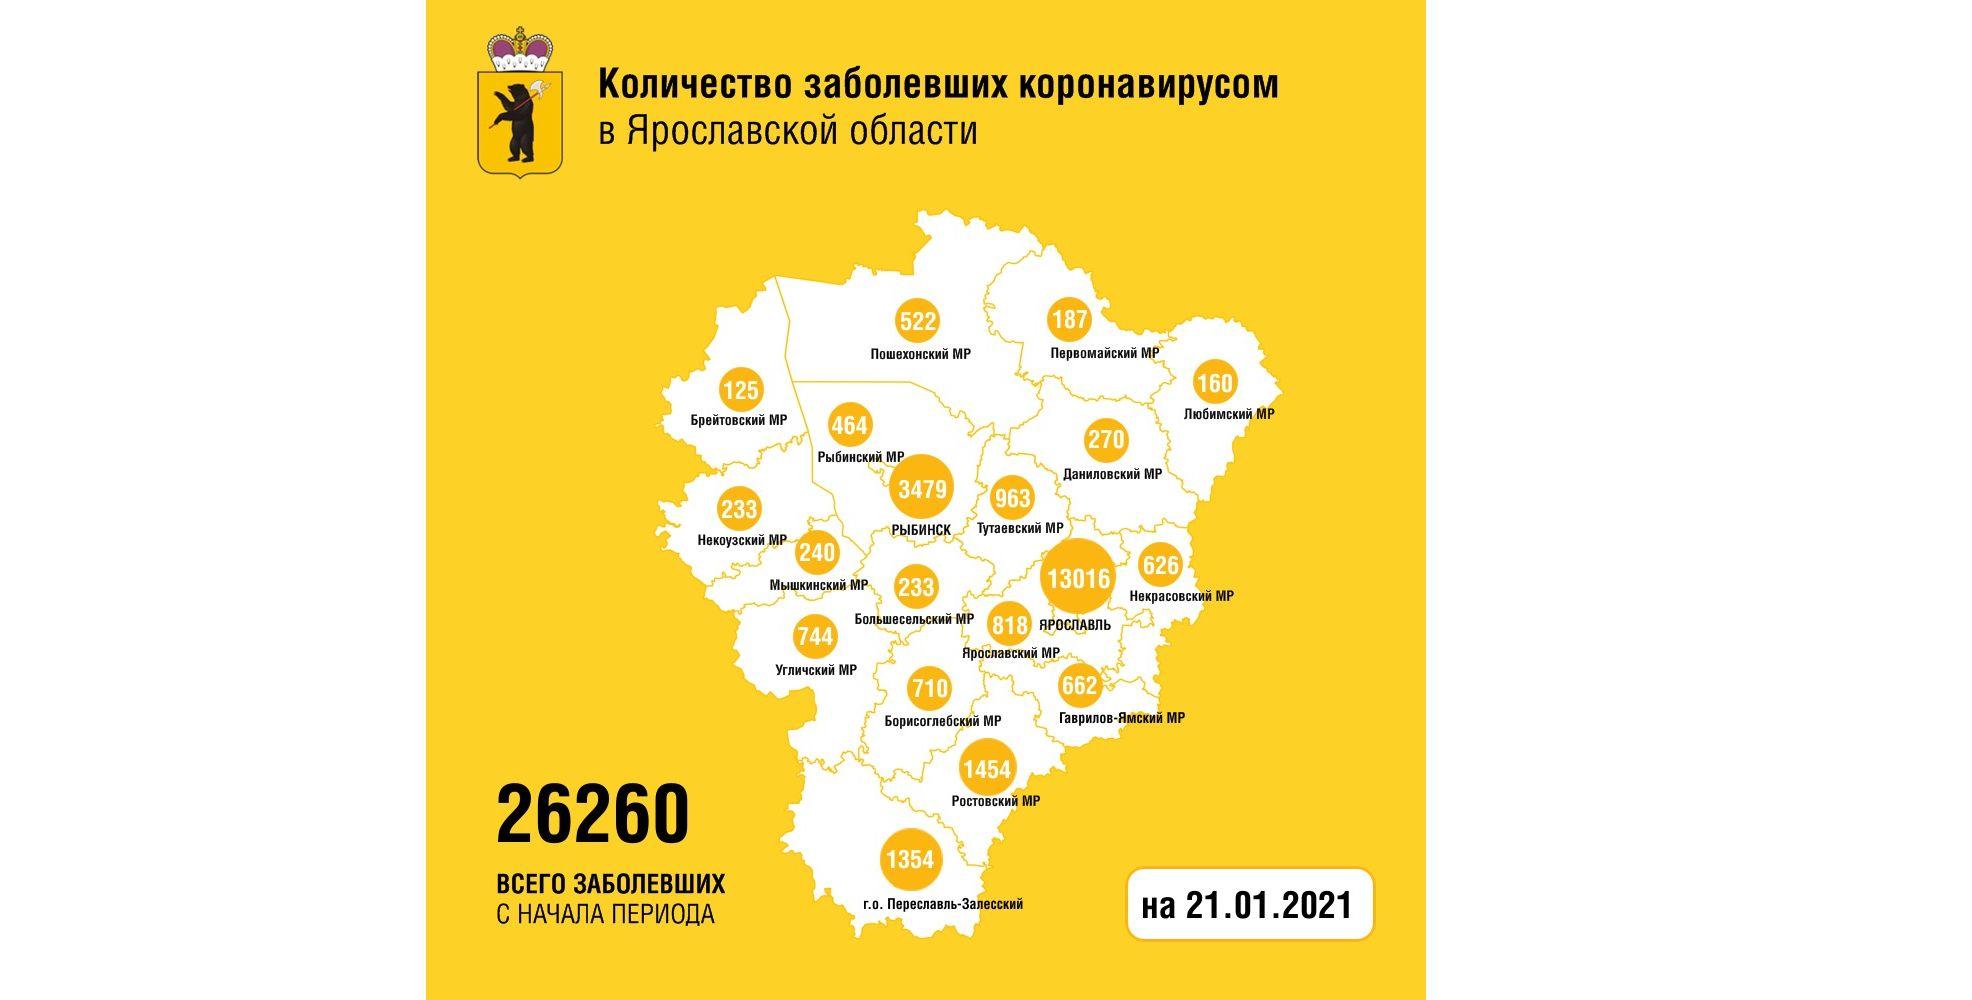 В Ярославской области коронавирусом заболели за сутки 186 человек, скончались шестеро